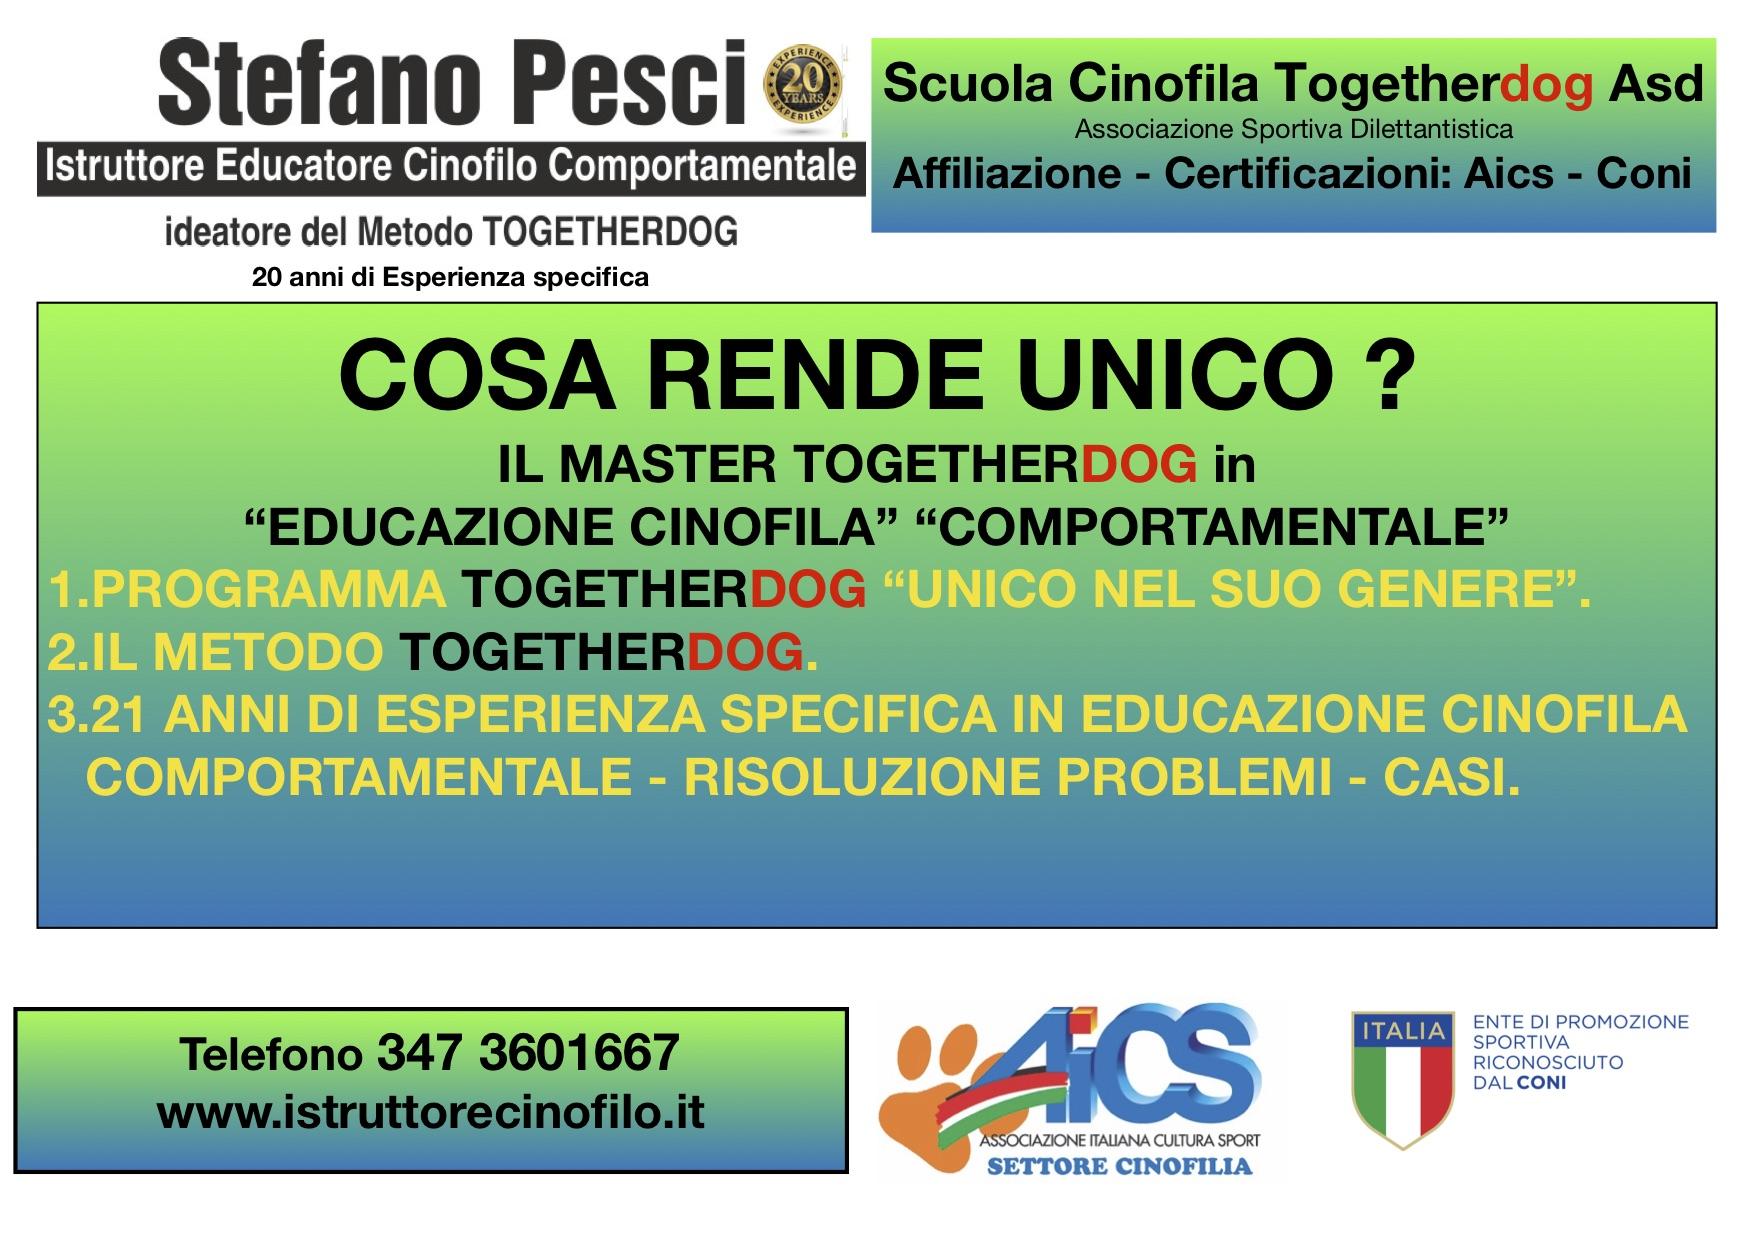 master educatore cinofilo comportamentale Togetherdog Stefano Pesci